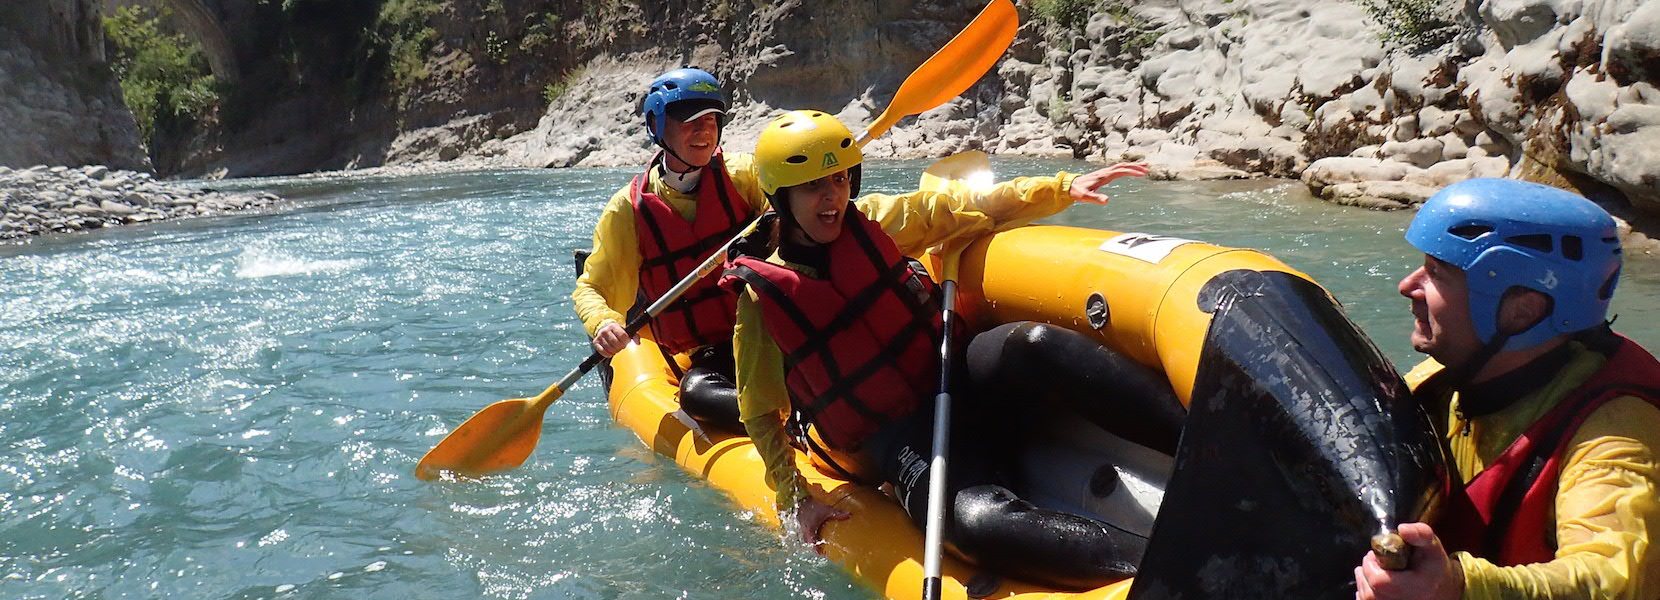 Initiation kayak sur la rivière du Var dans le 06 alpes maritimes.